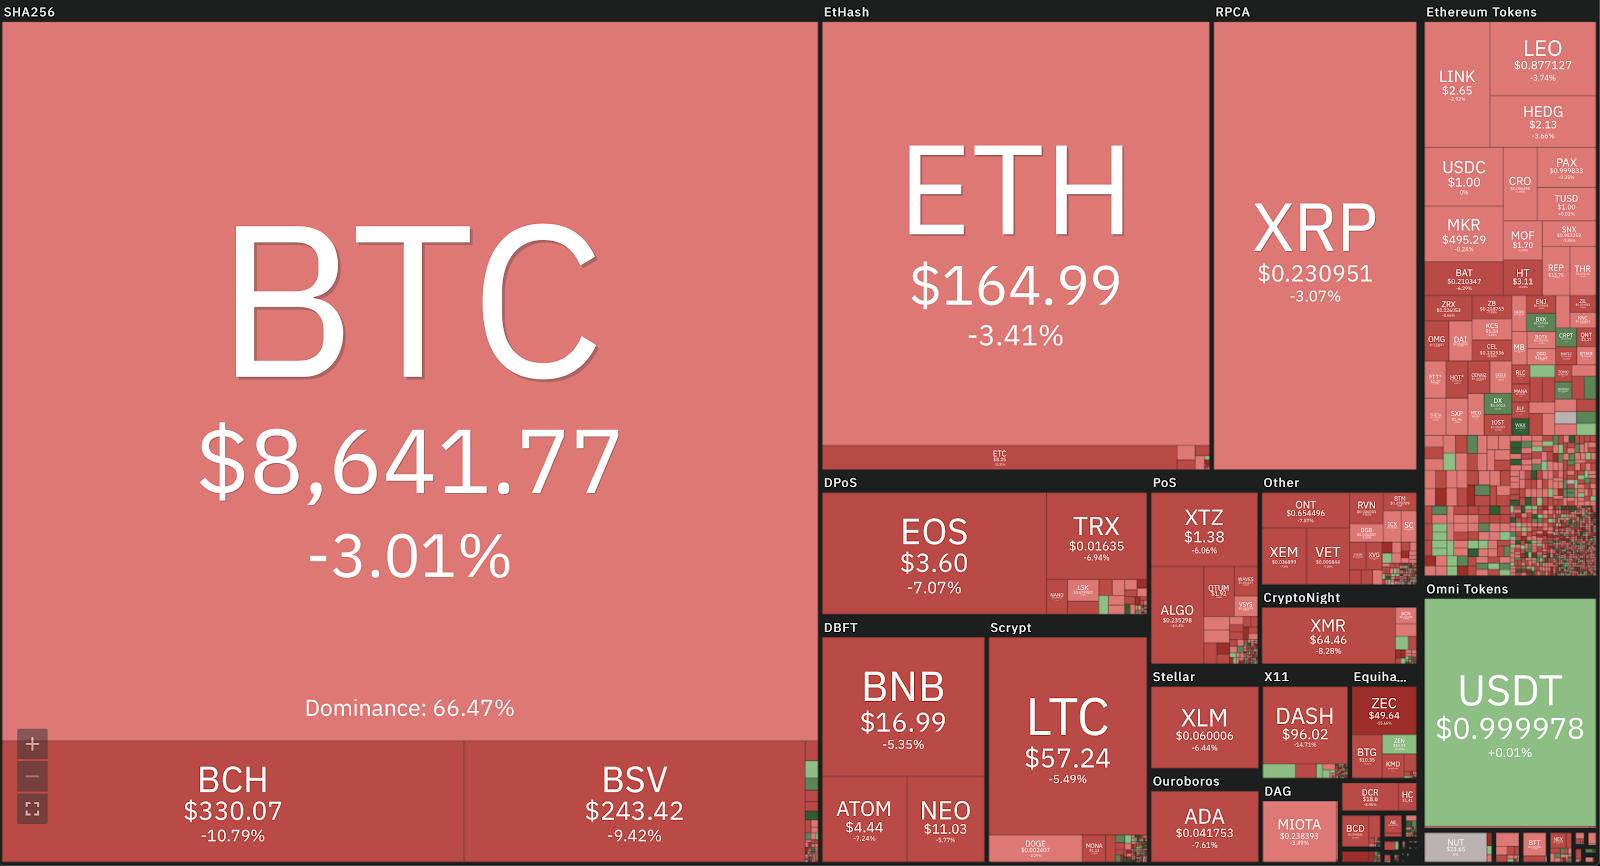 Nhà đầu tư hoảng loạn vì bitcoin lao dốc mạnh, các loại tiền khác ngập trong sắc đỏ - 1